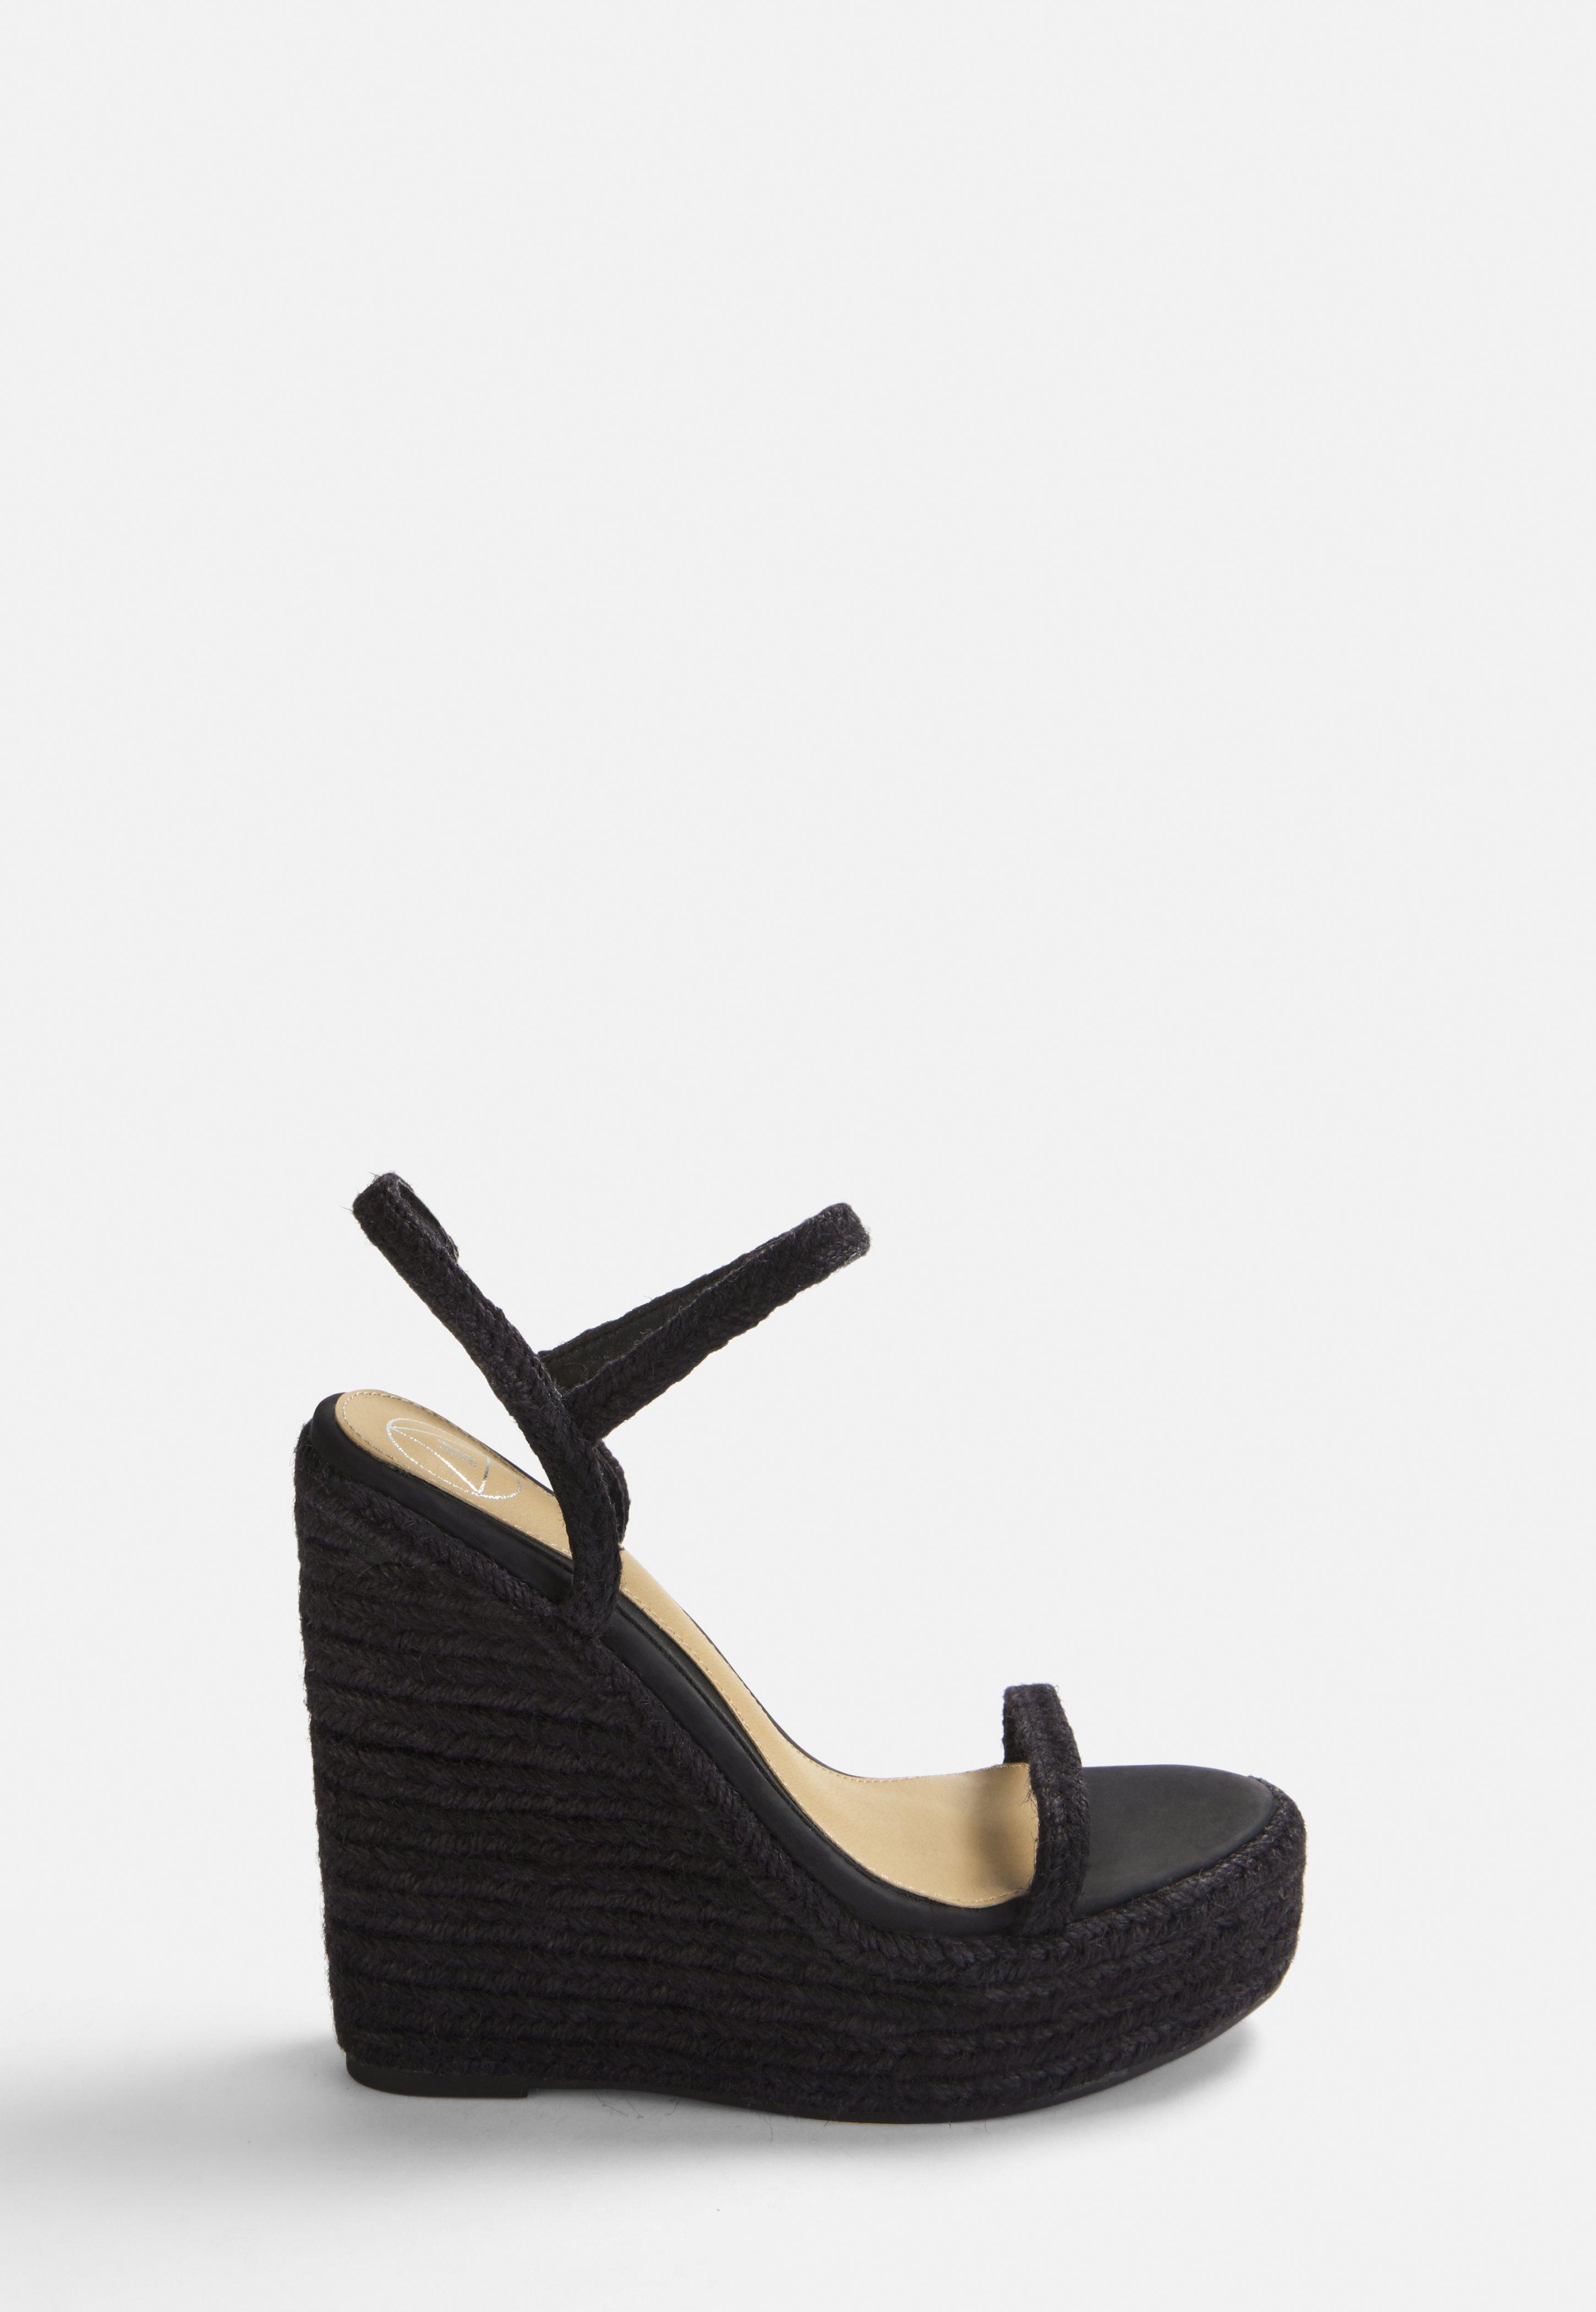 Corde En Compensées Noires Sandales Sandales nOkNZ8Xw0P